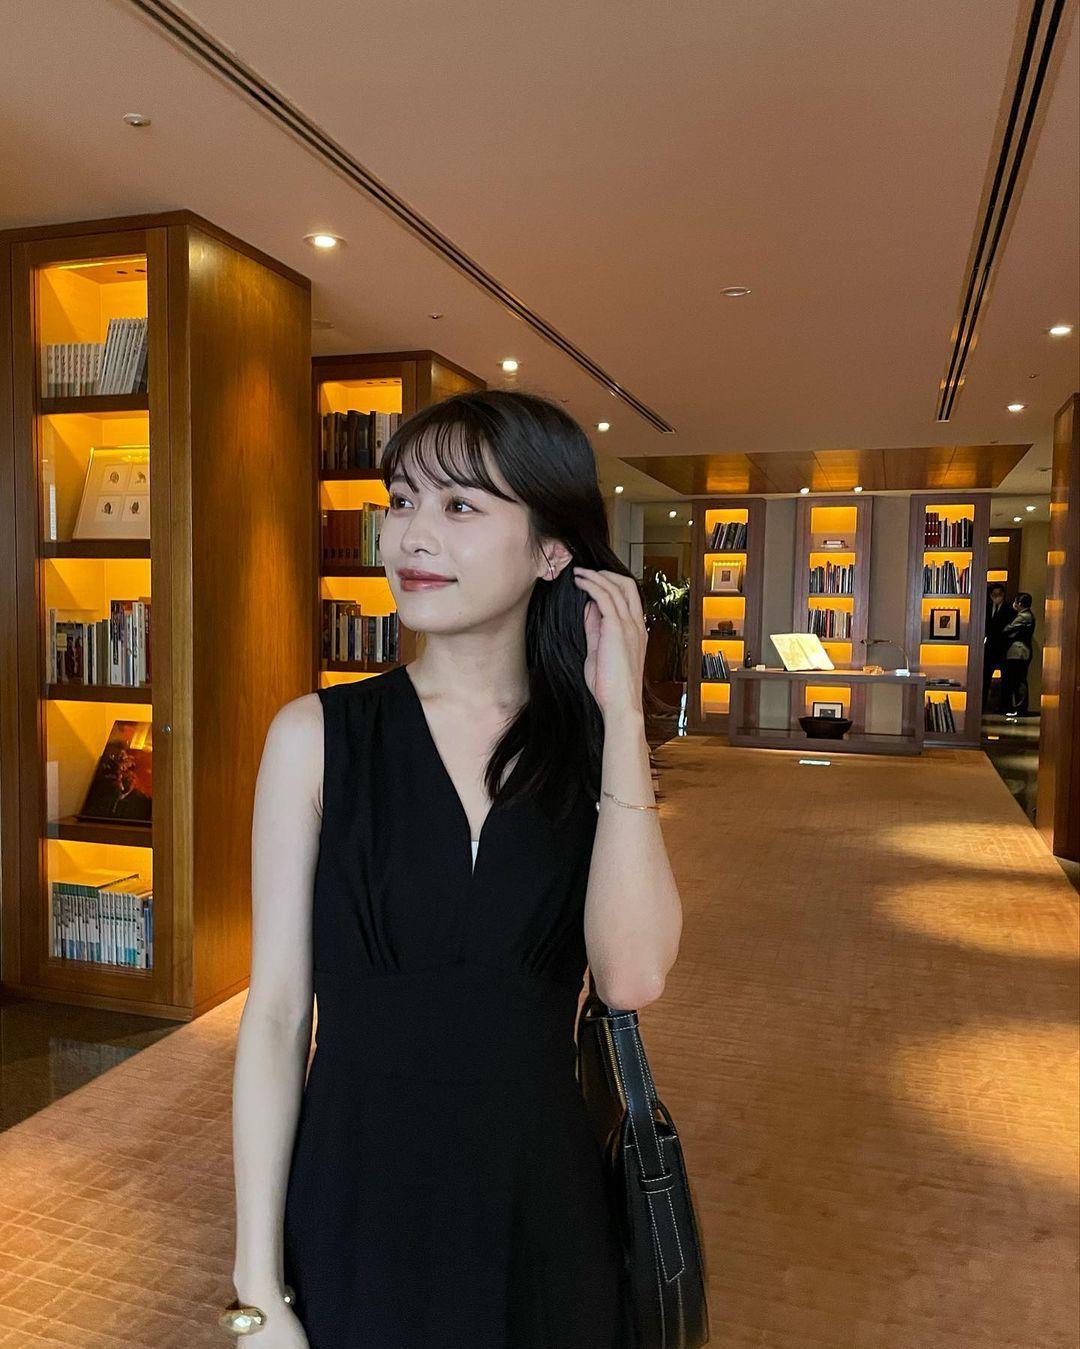 东京私立名校毕业的美女时装设计师日本妹子的清新甜美气质真的好可爱 养眼图片 第10张